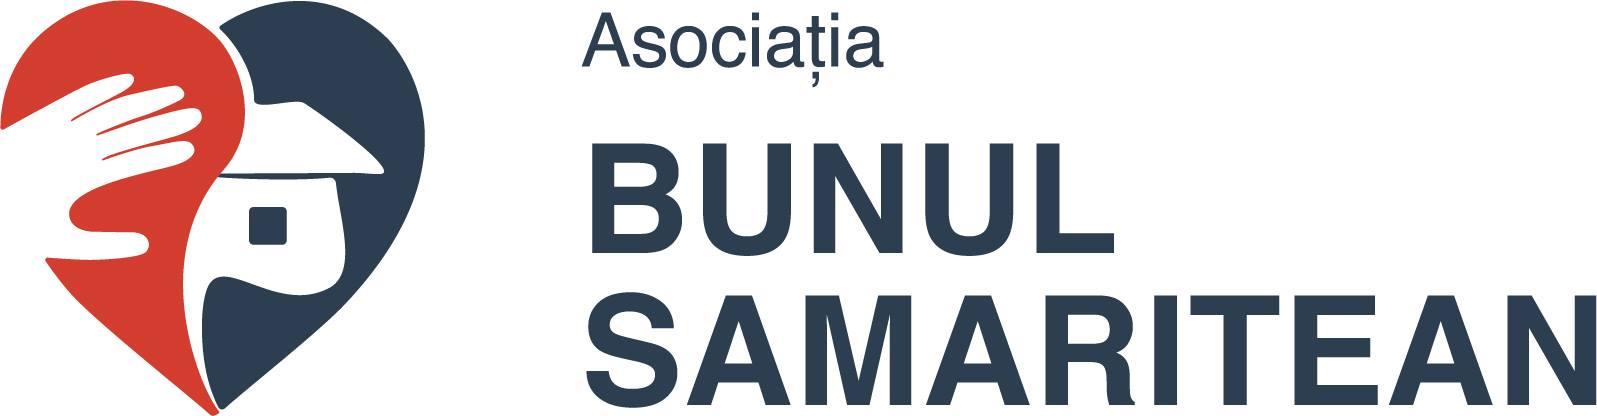 Asociatia United Cristian Aid Bunul Samaritean logo